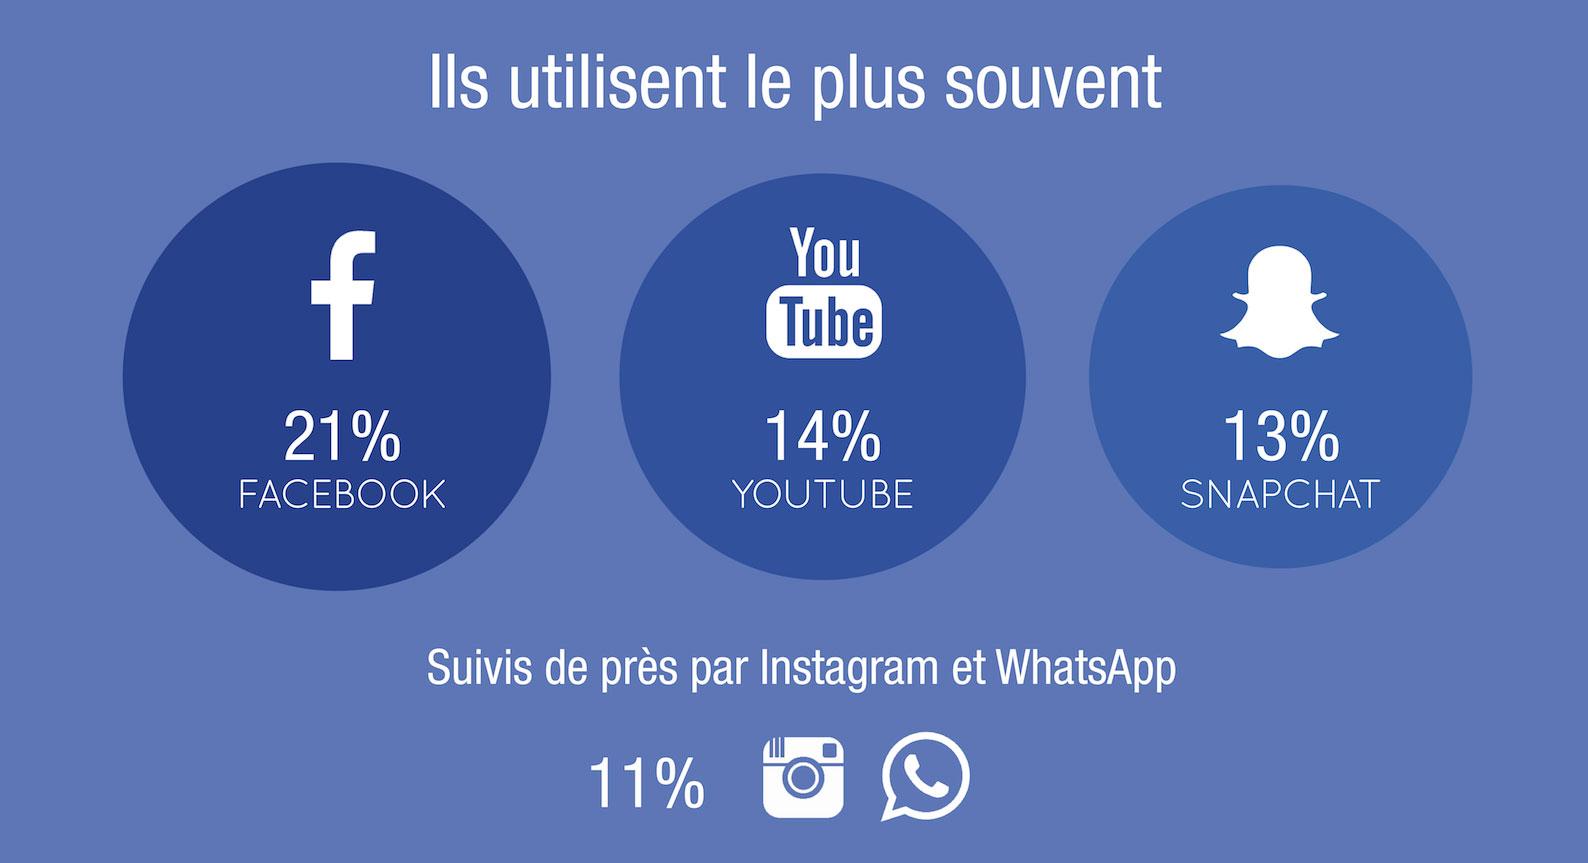 Facebook reste en tête. Mais il est intéressant de voir de que Youtube est plus consommé que Snapchat, et que ce dernier est plus utilisé qu'Instagram !